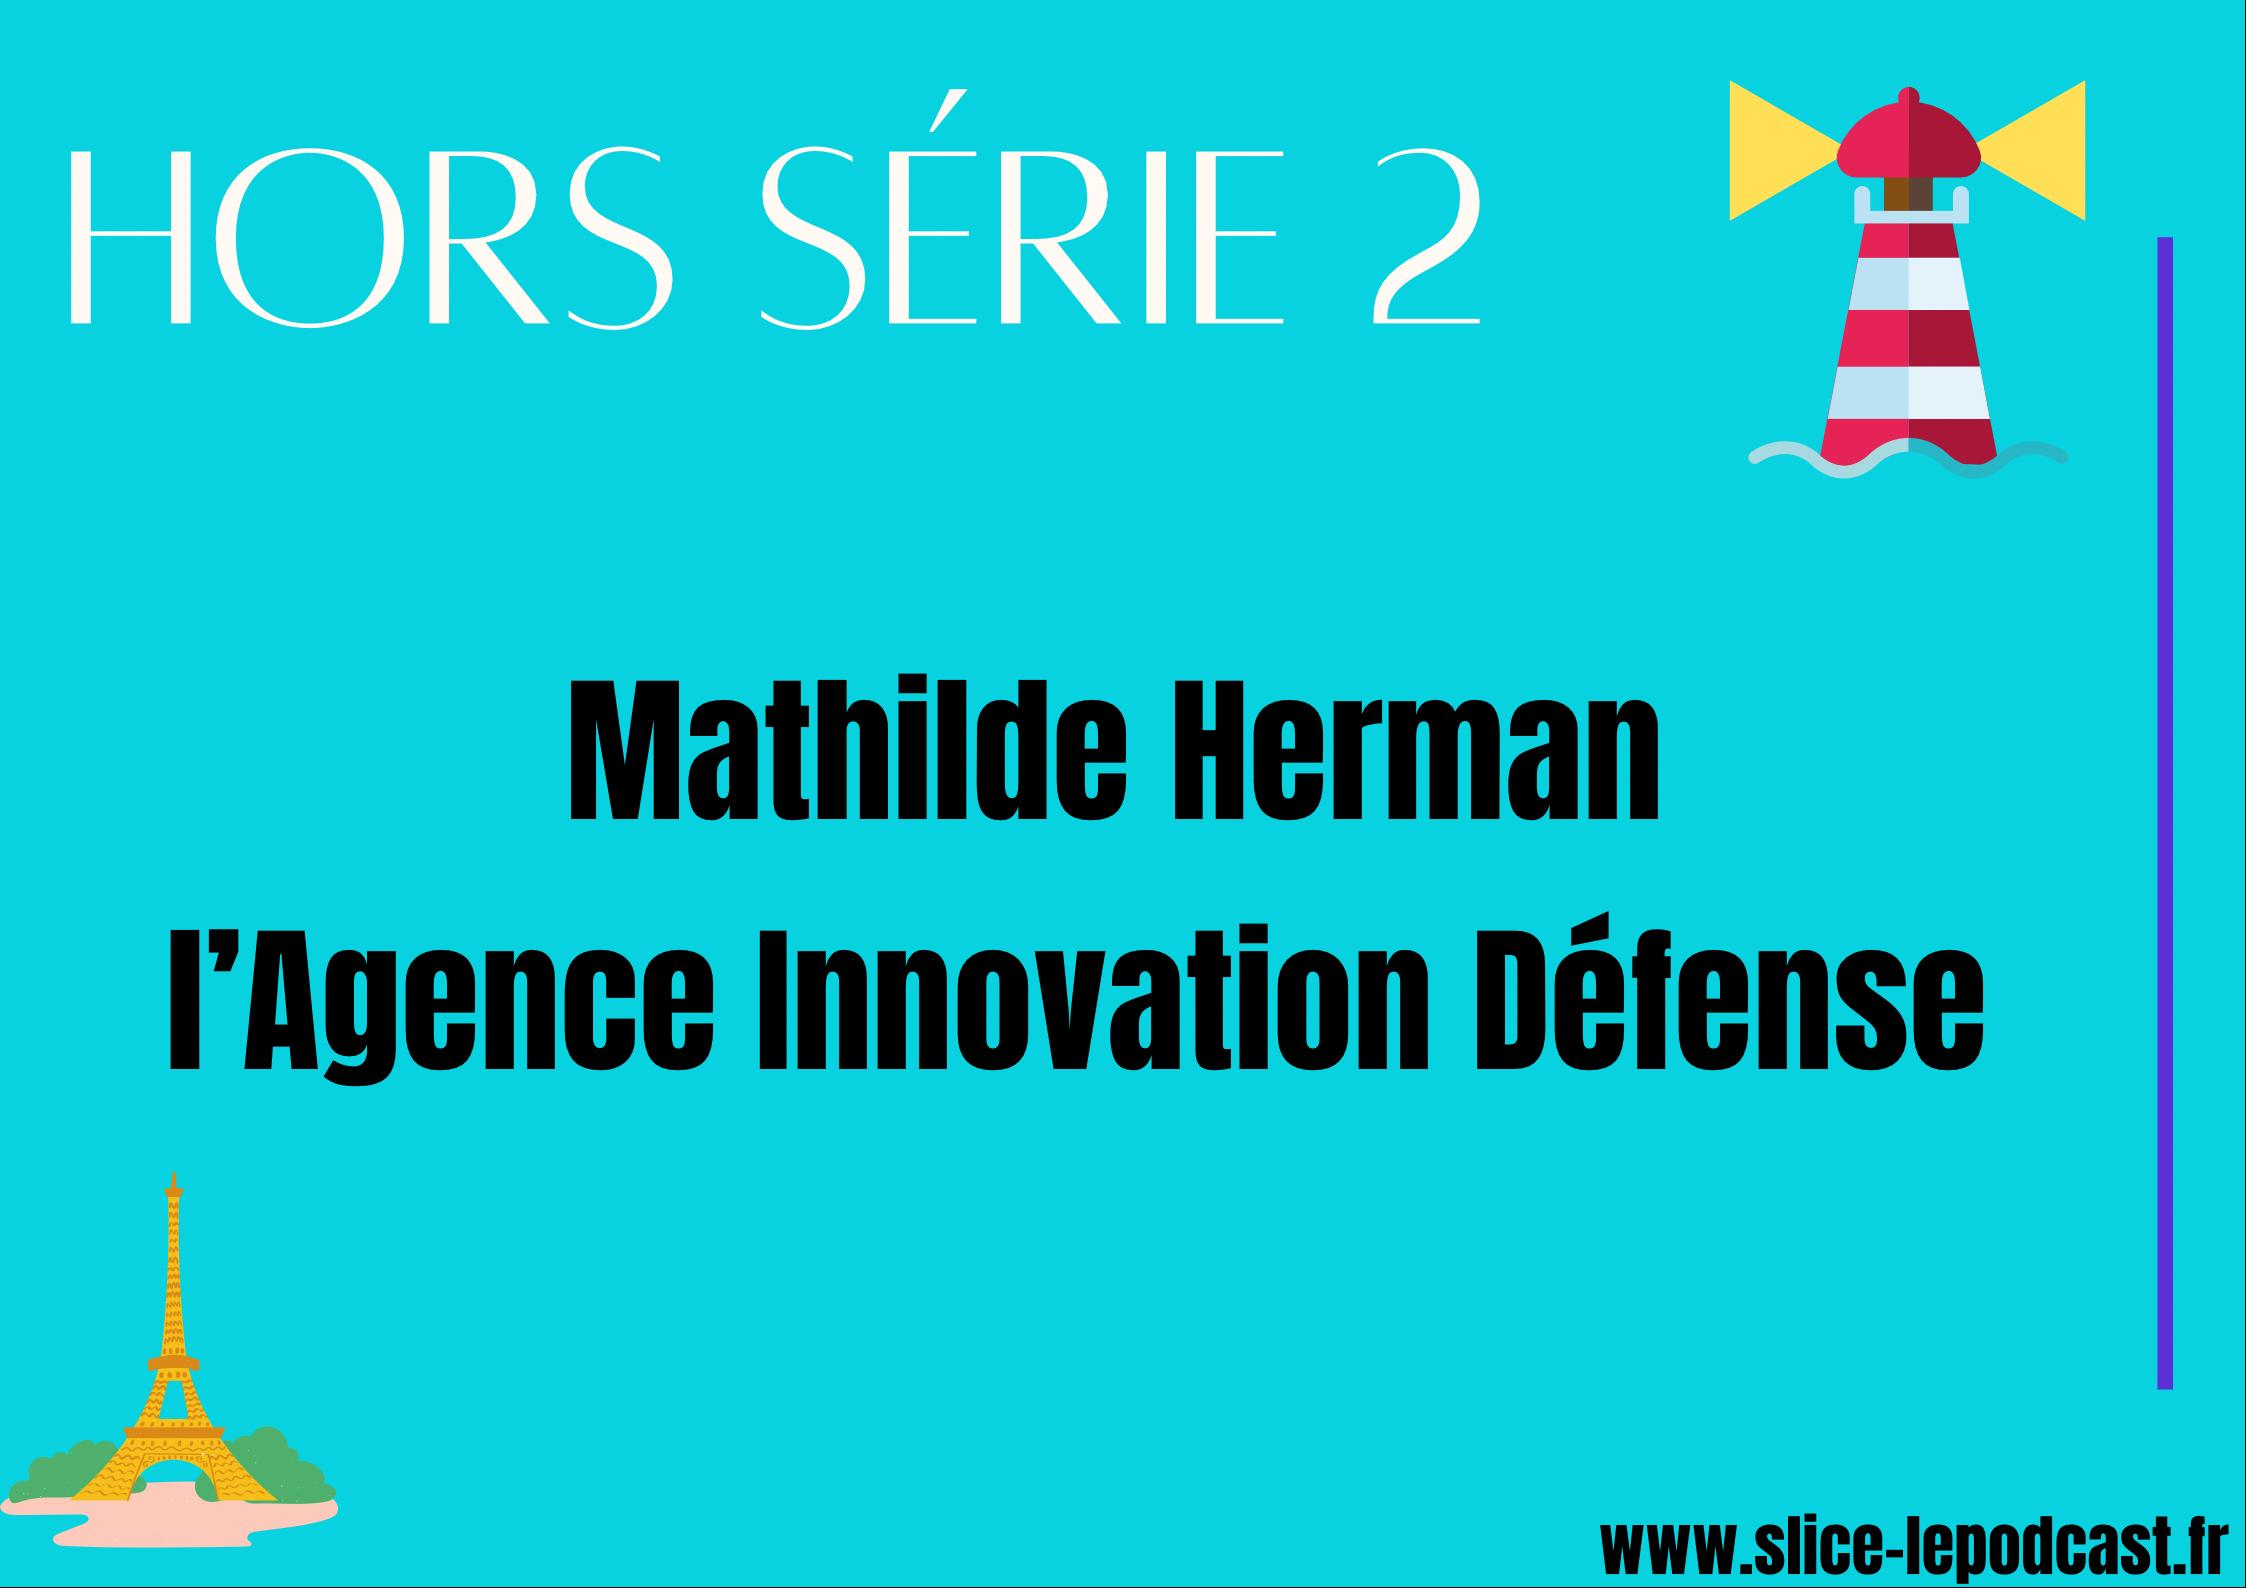 HORS SÉRIE 2 : Mathilde Herman et l'Agence Innovation Défense